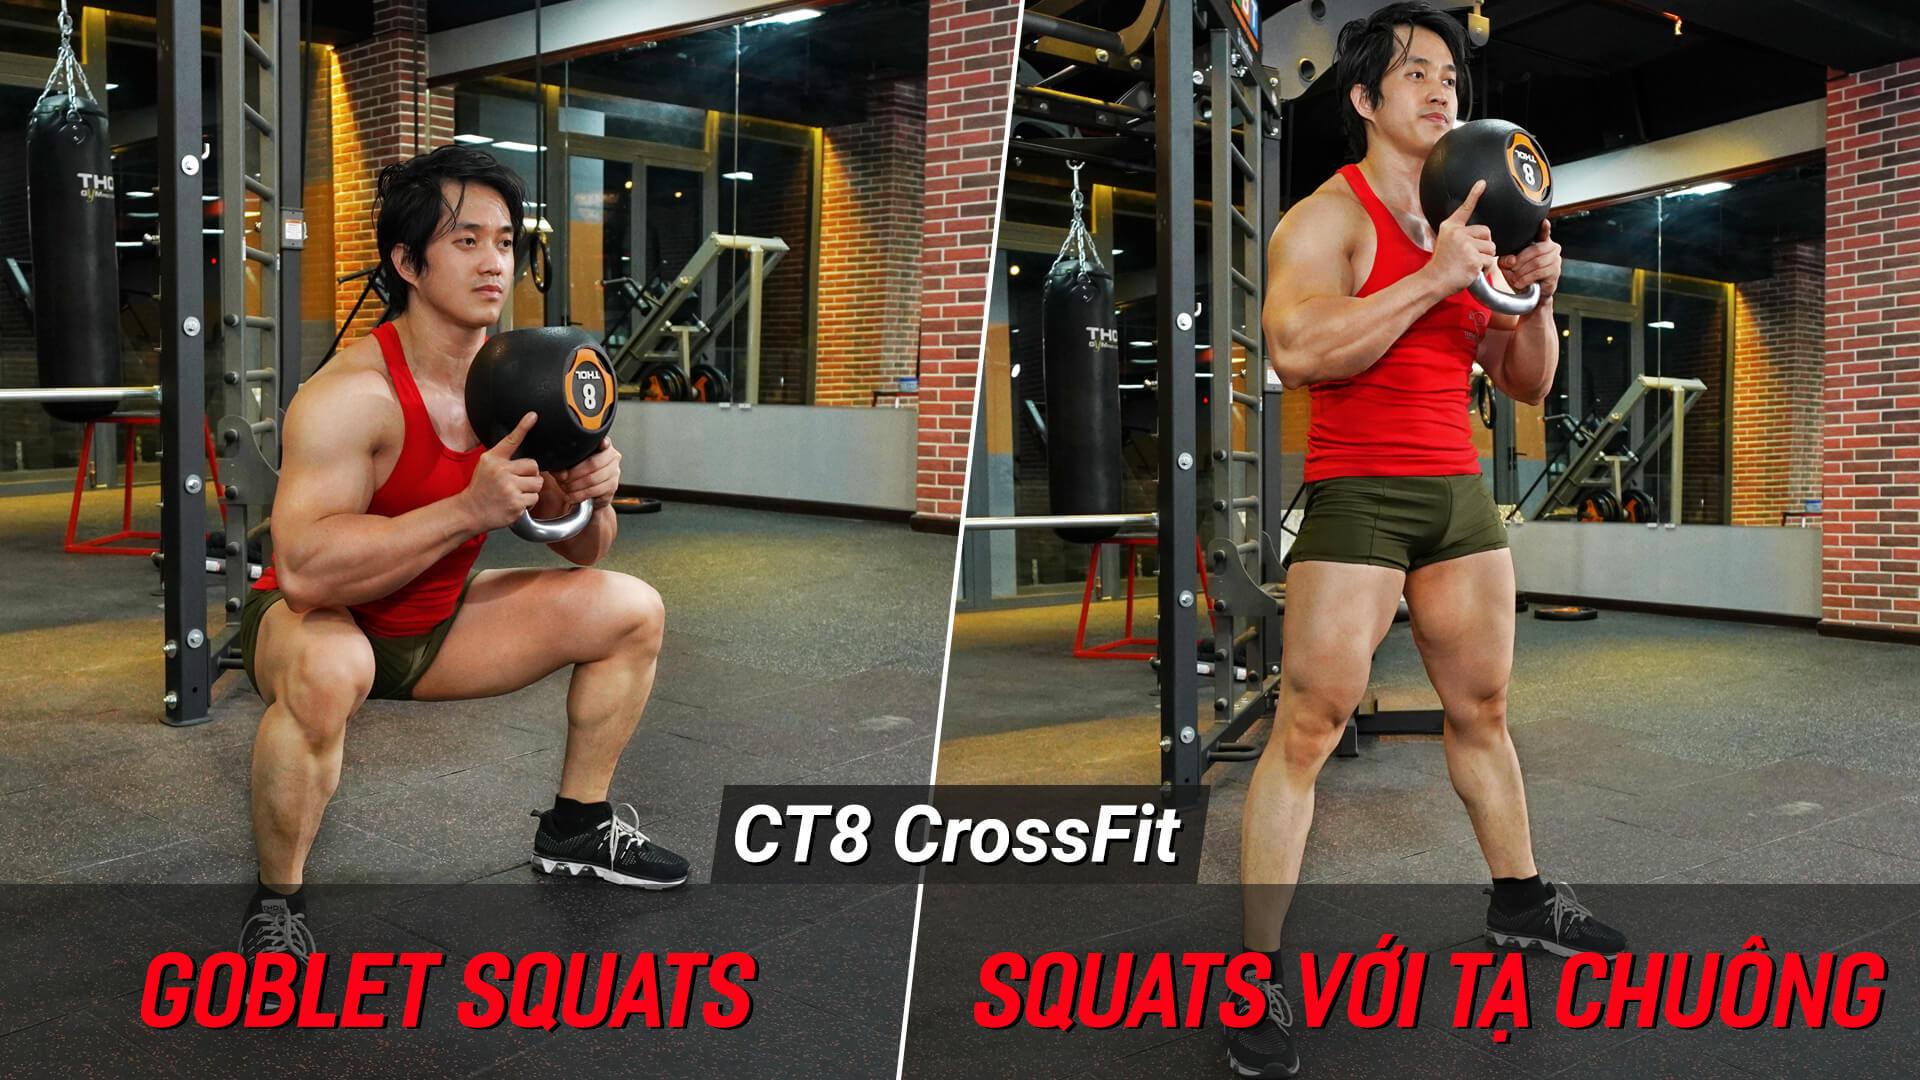 Goblet Squats - Hướng dẫn Squat cho vòng 3 to tròn sexy với tạ chuông